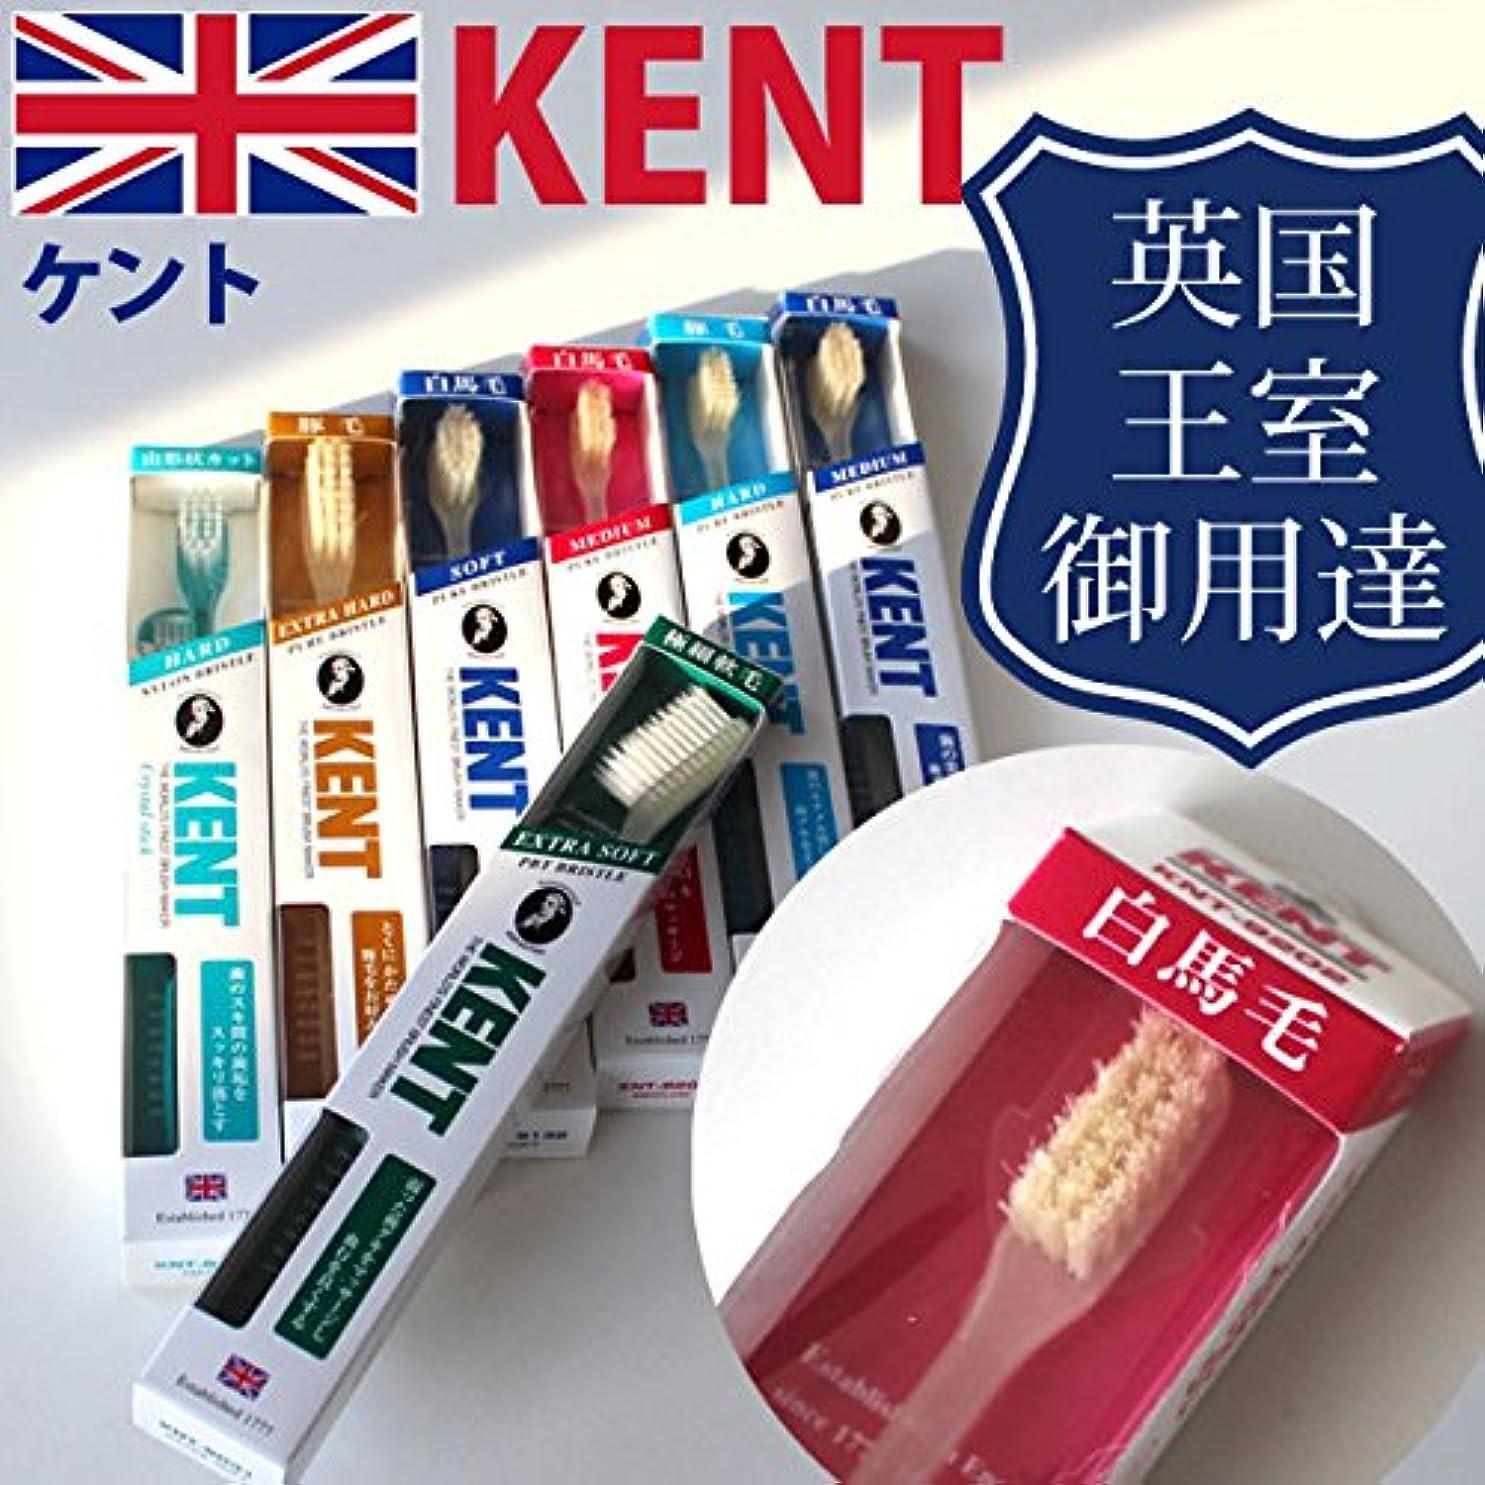 プログラム対人来てケント KENT 白馬毛 超コンパクト歯ブラシ KNT-9102/9202 6本入り 他のコンパクトヘッドに比べて歯 やわらかめ